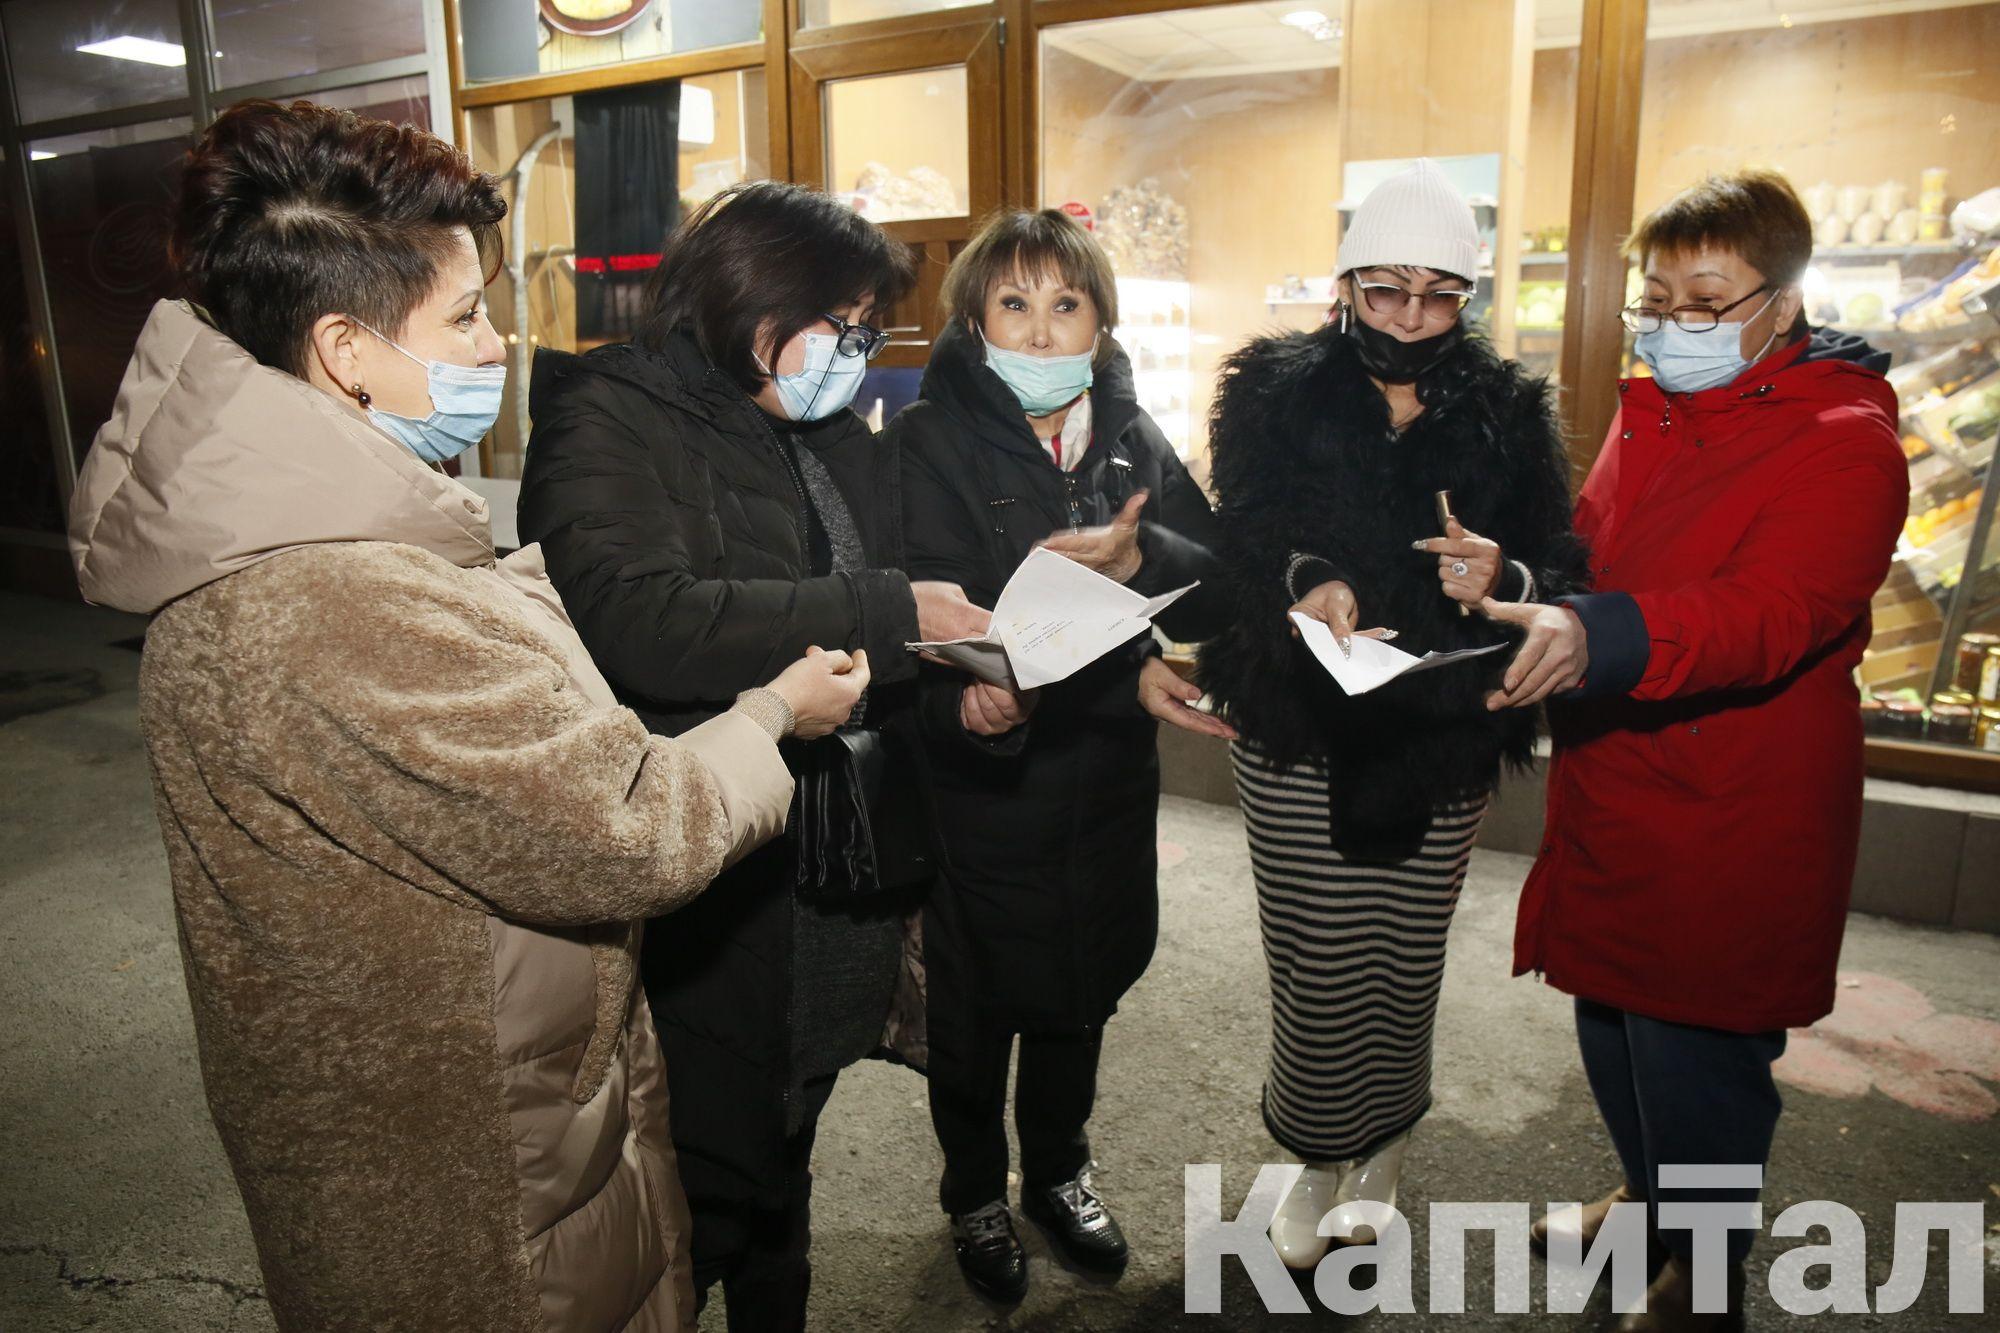 Владельцы «магазинов у дома» заявляют о сворачивании бизнеса  604600 - Kapital.kz